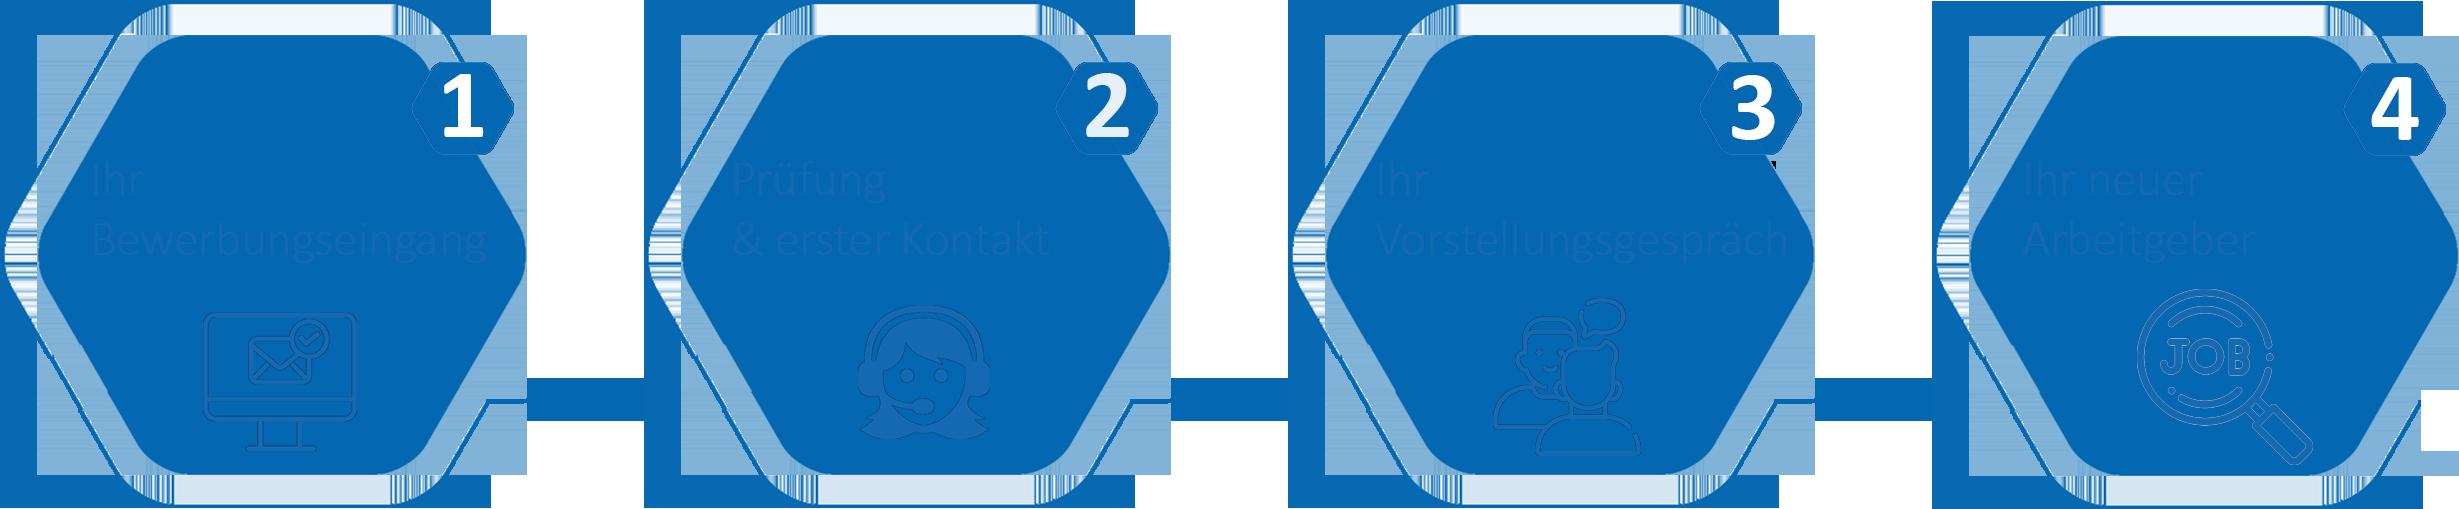 Der Bewerbungsprozess in vier Schritten